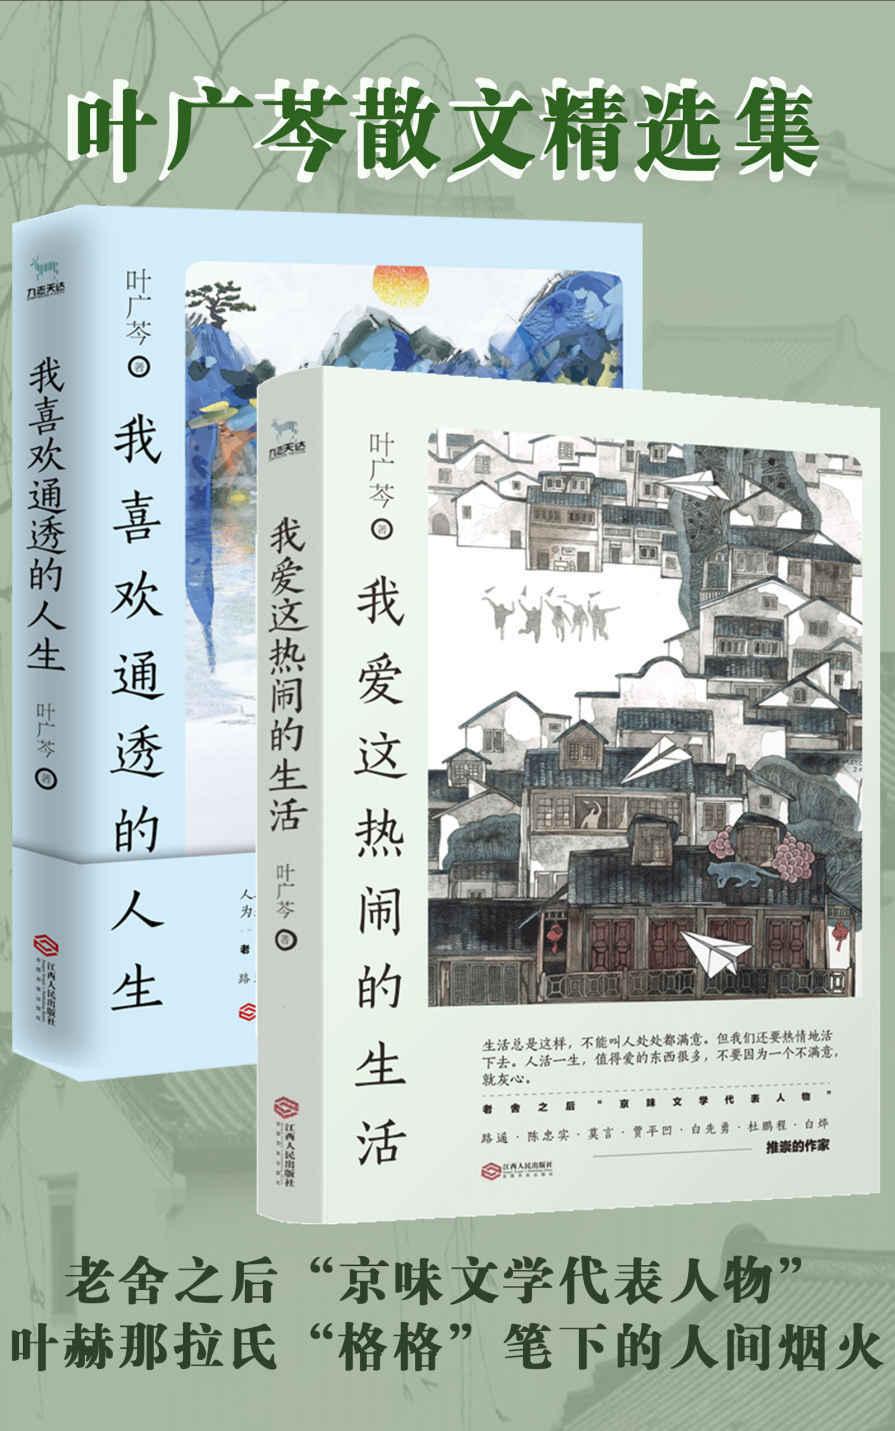 叶广芩散文精选集pdf-epub-mobi-txt-azw3